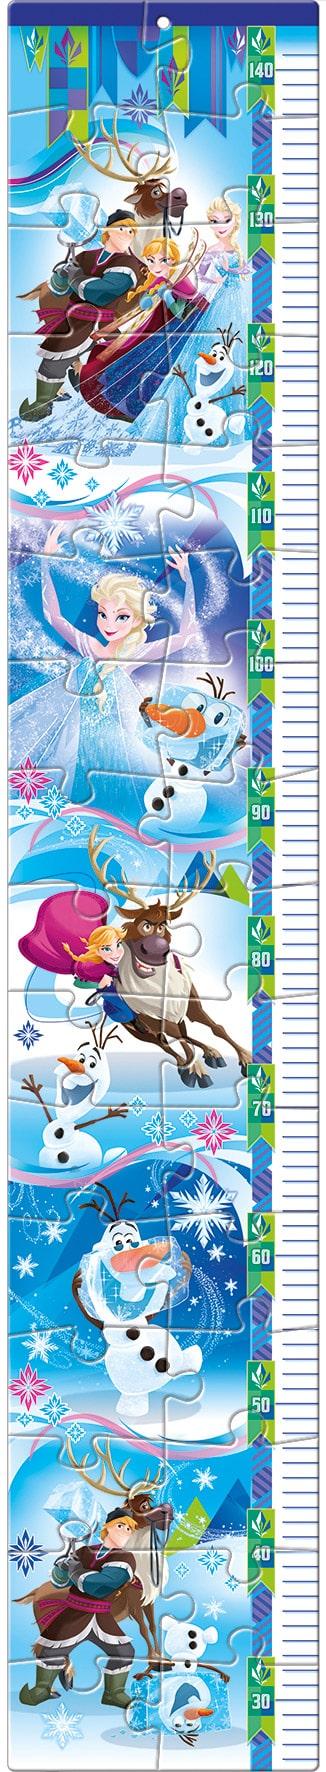 Frozen Clementoni20325 02 Kinderpuzzels.jpg